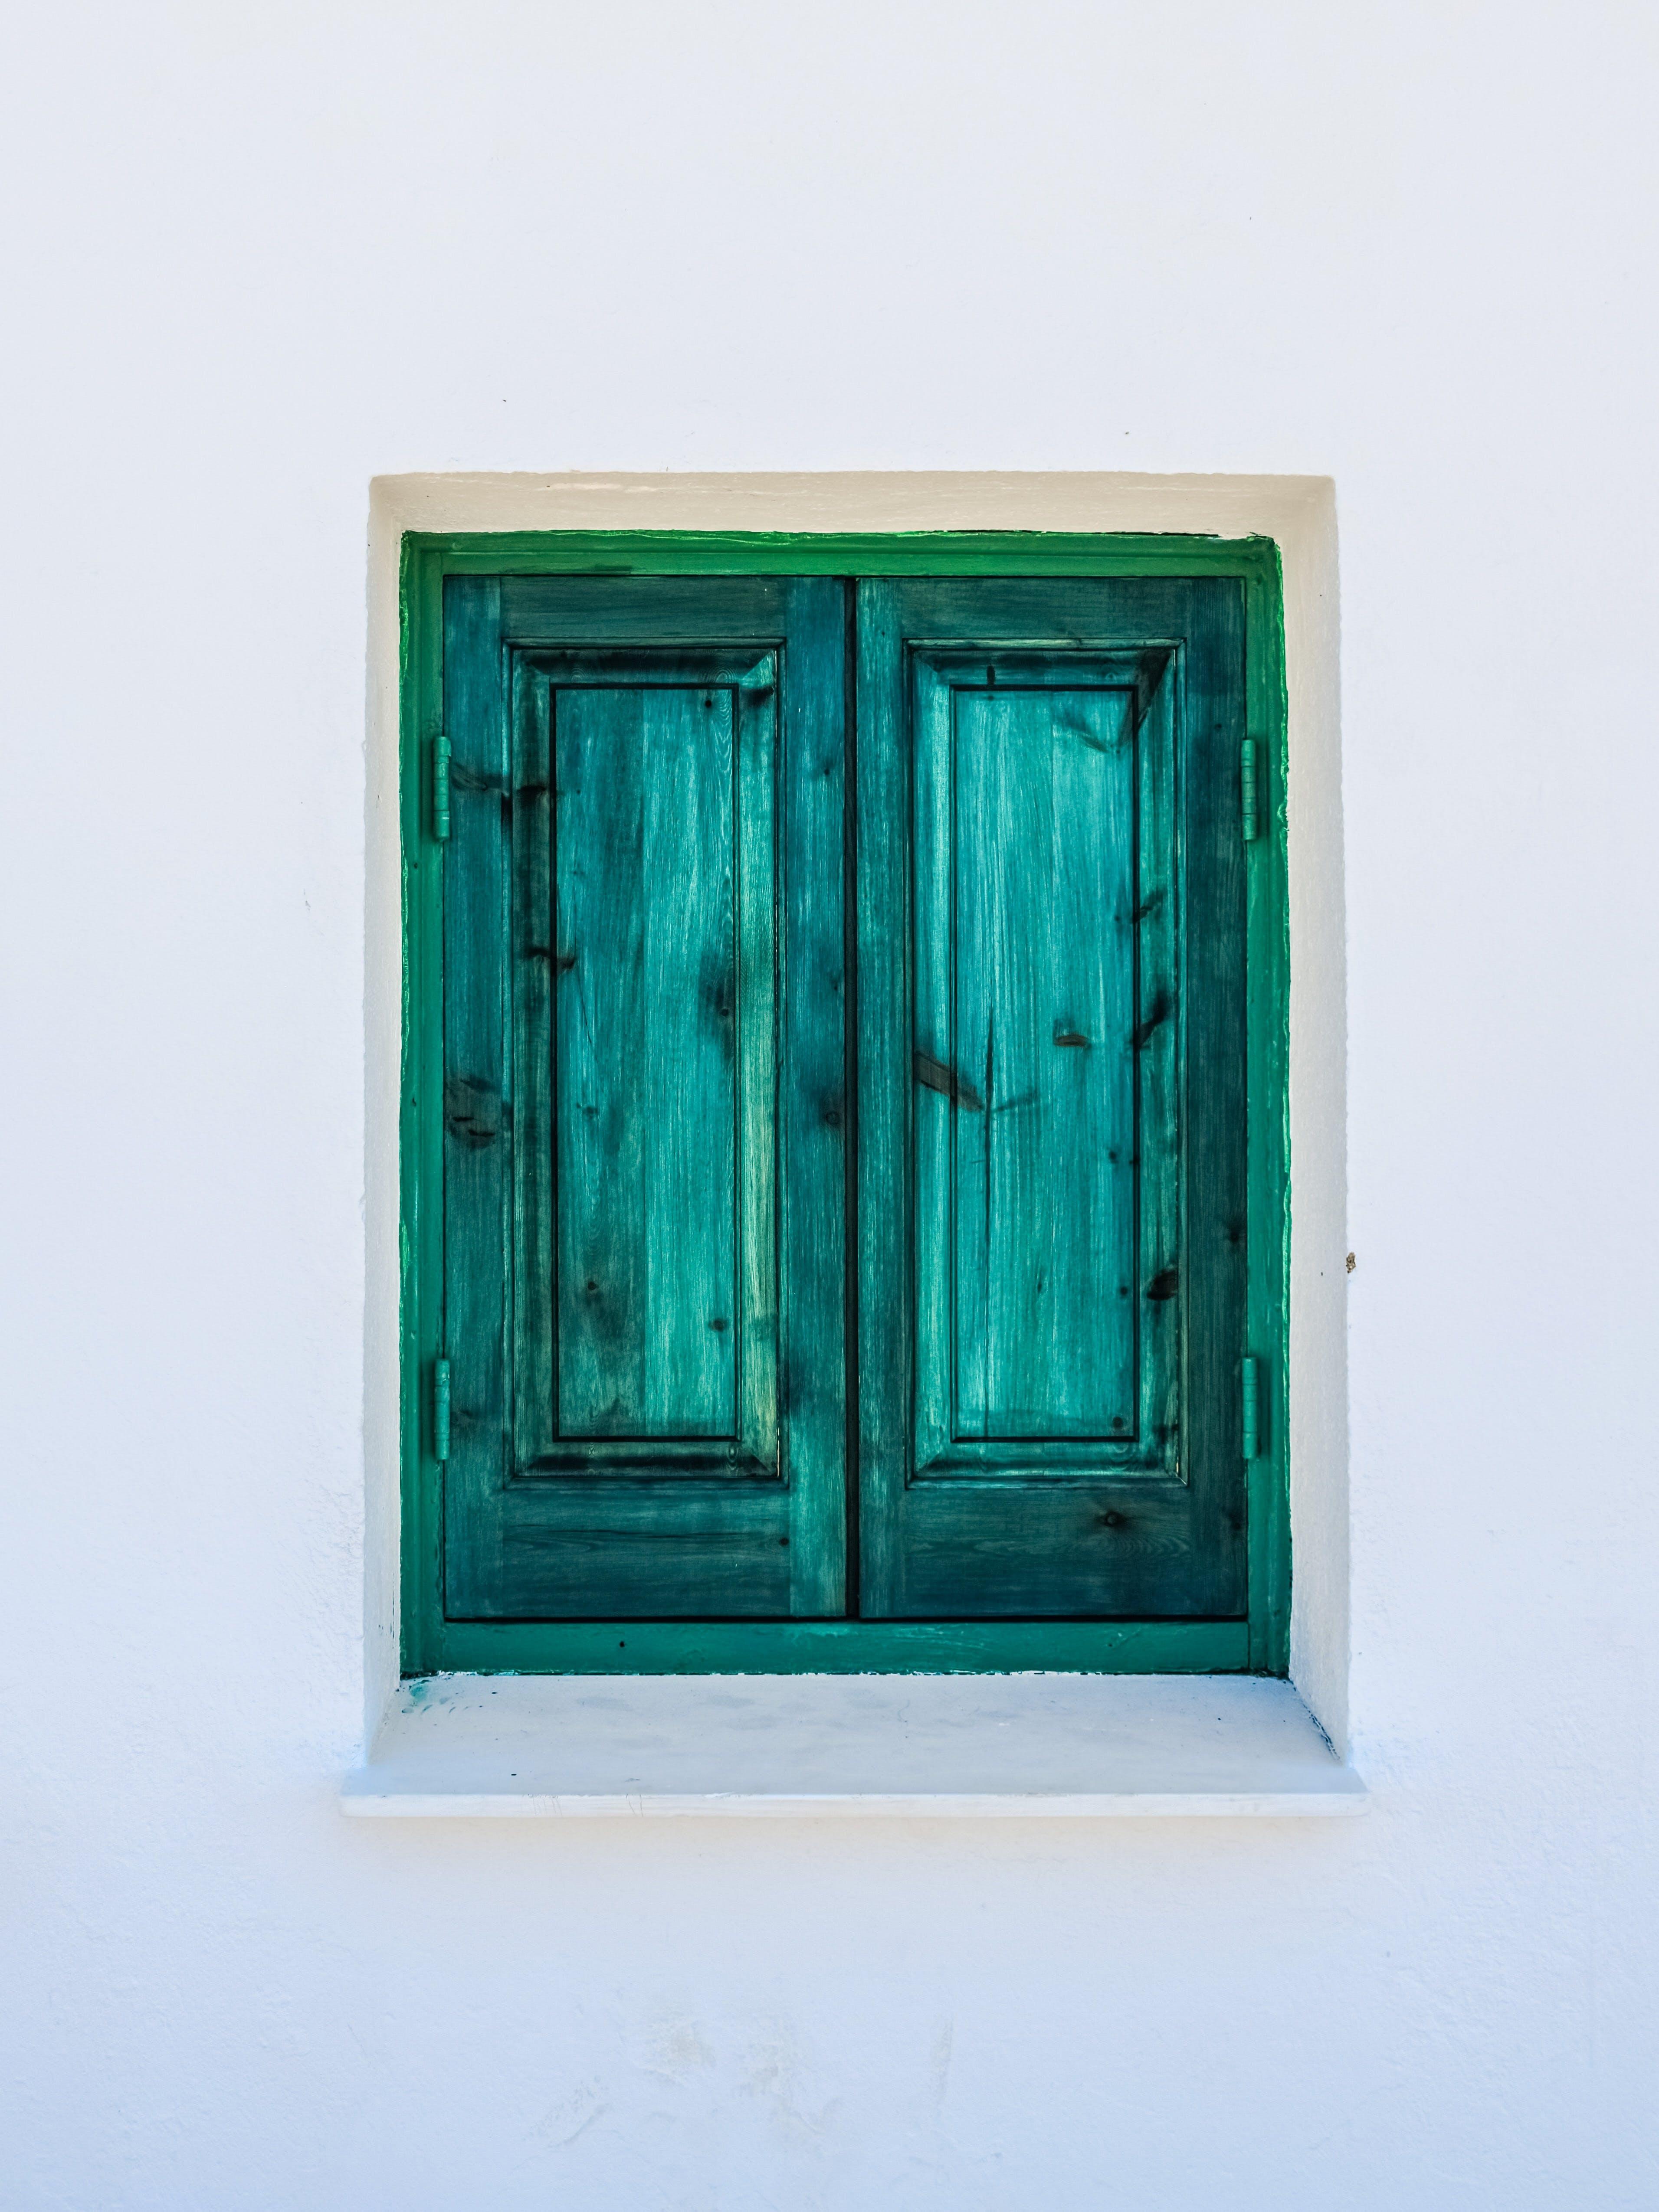 Green Wooden Window Shutter